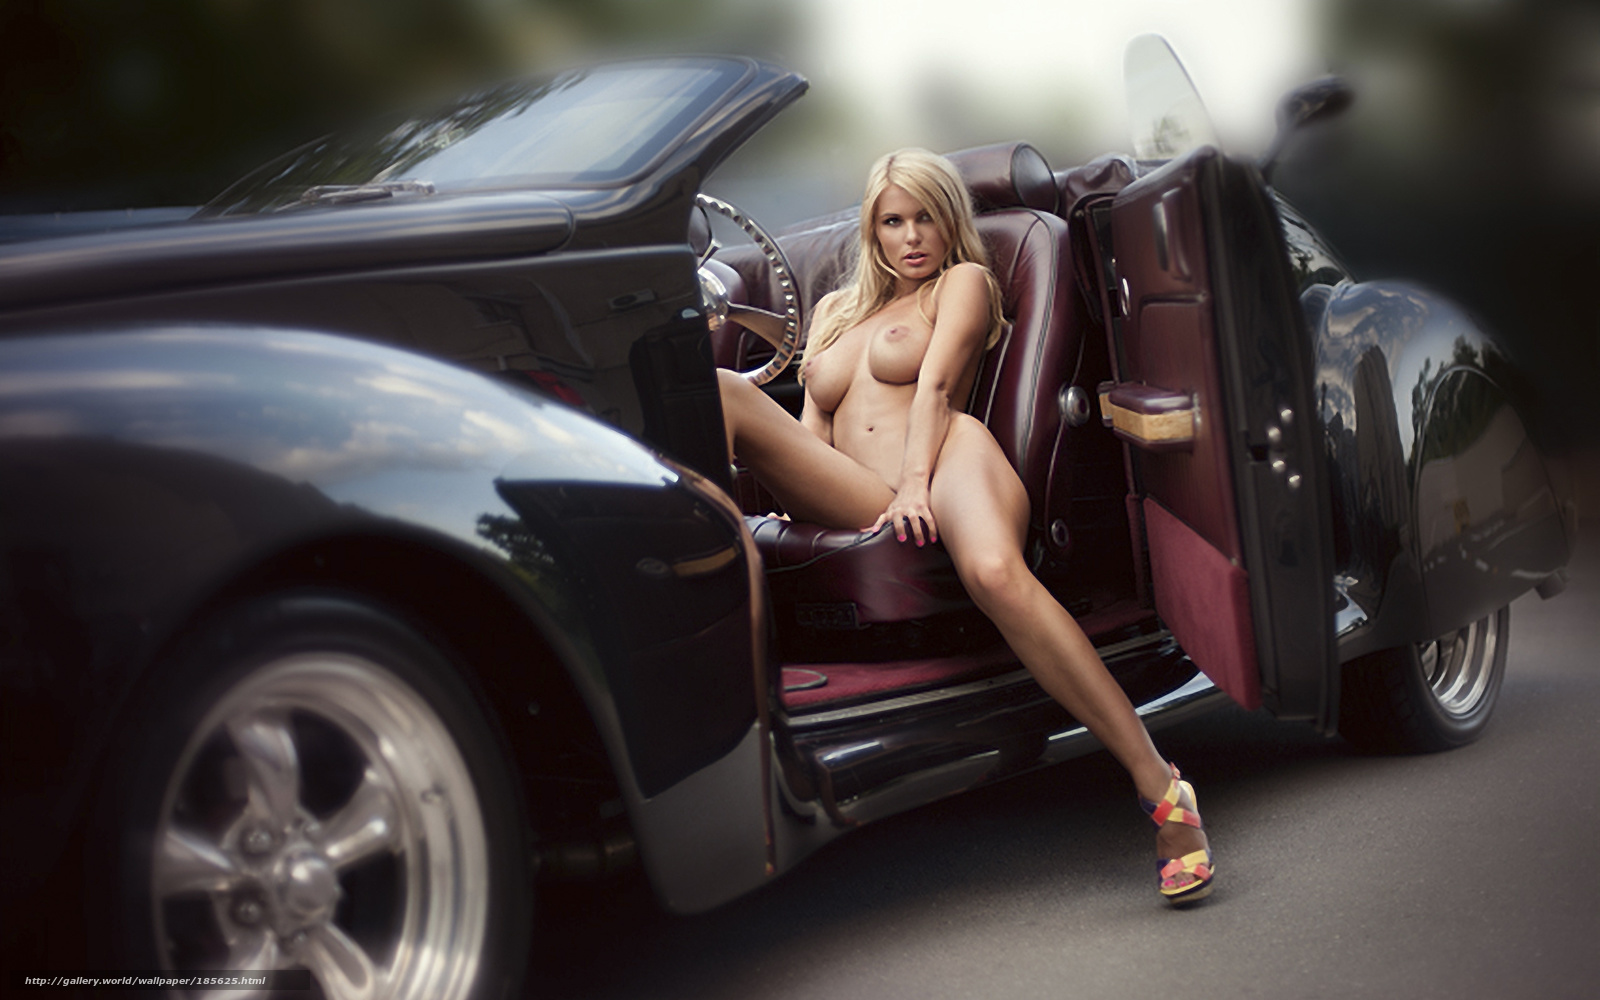 Фото голые девушки и авто 5 фотография